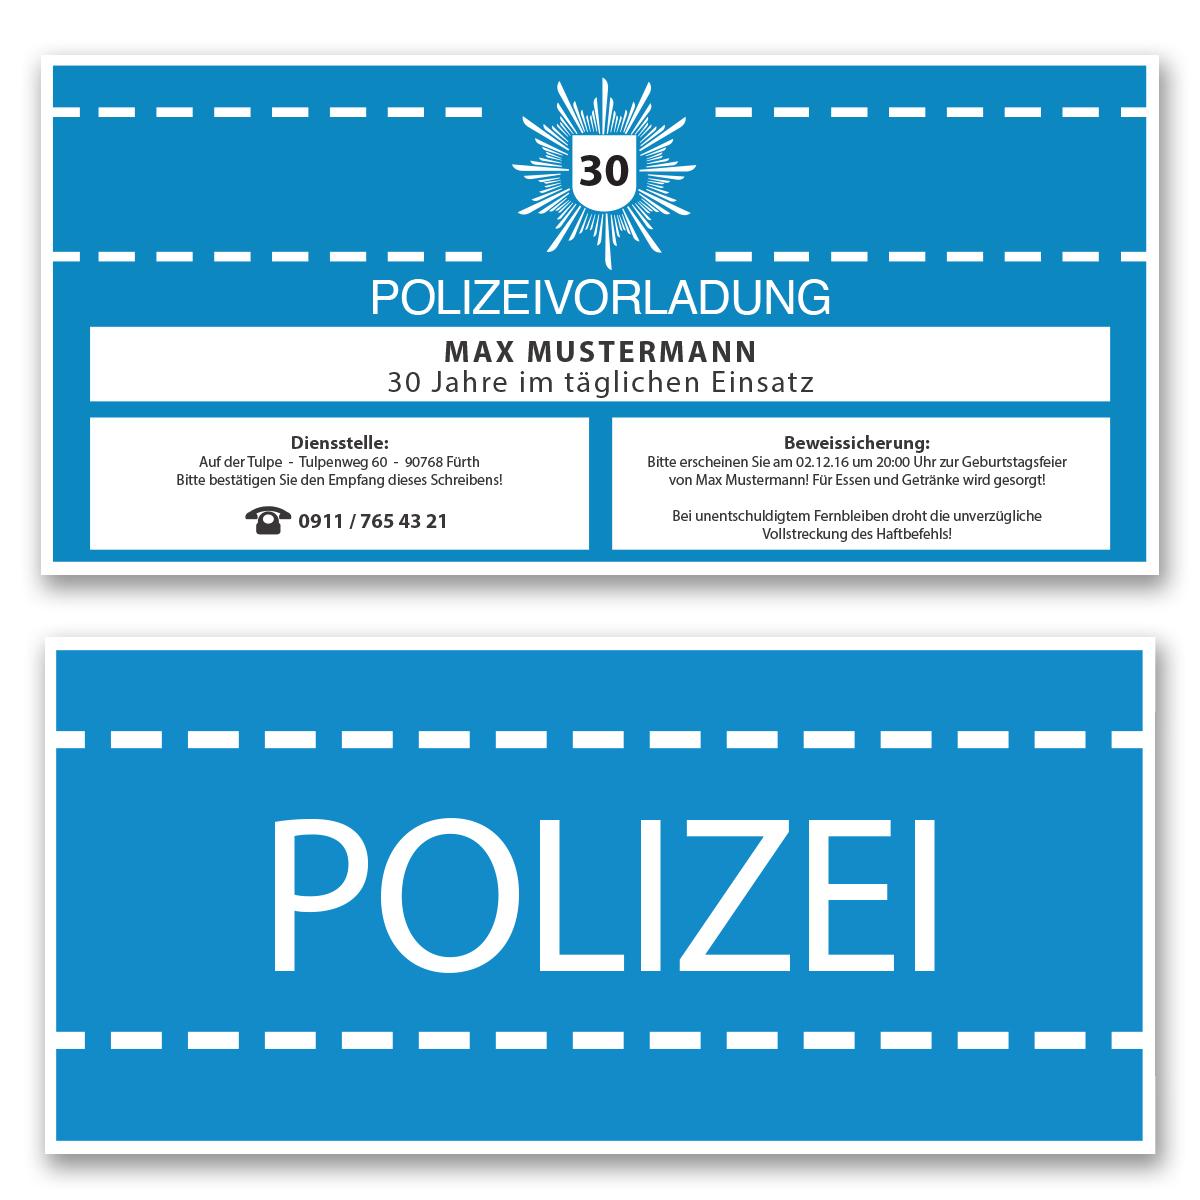 Einladungskarten zum Geburtstag als Polizeivorladung